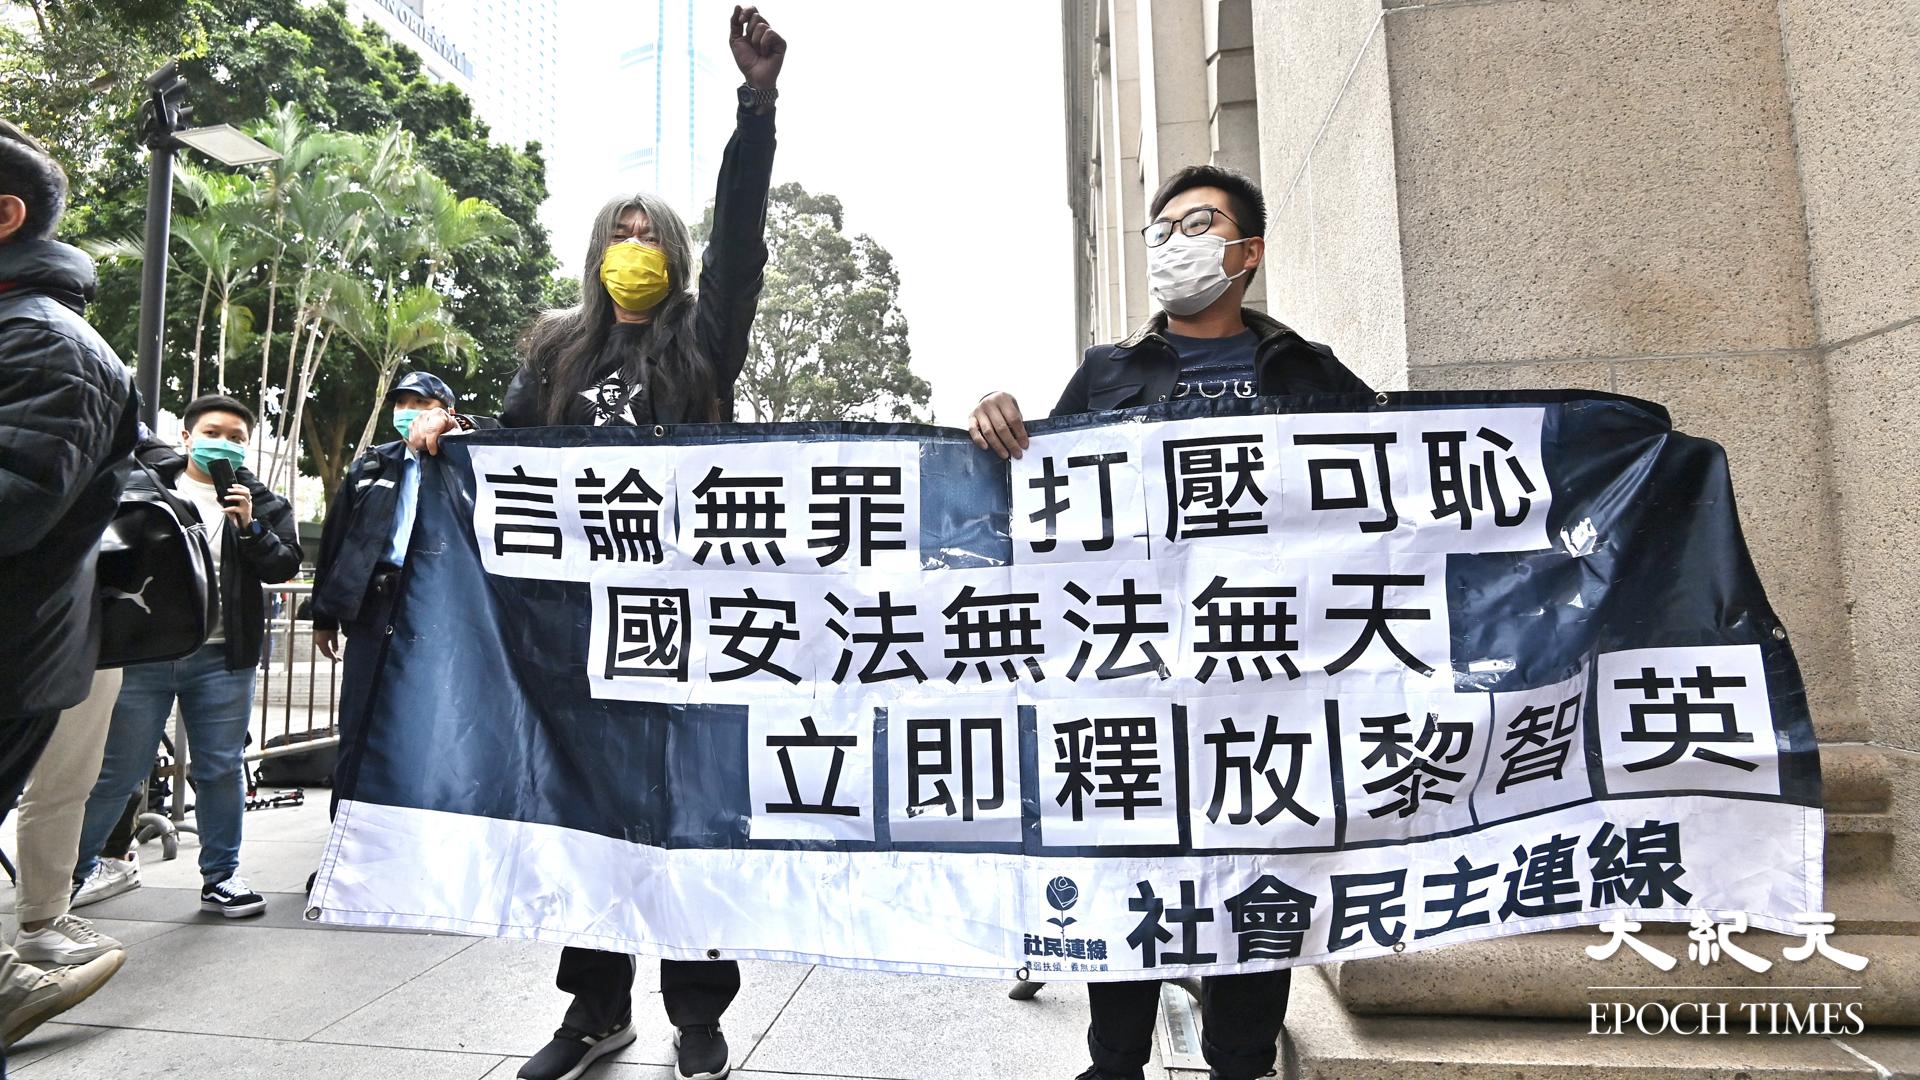 社民連長毛(左)等人到場聲援,要求立即釋放政治犯。(宋碧龍/大紀元)